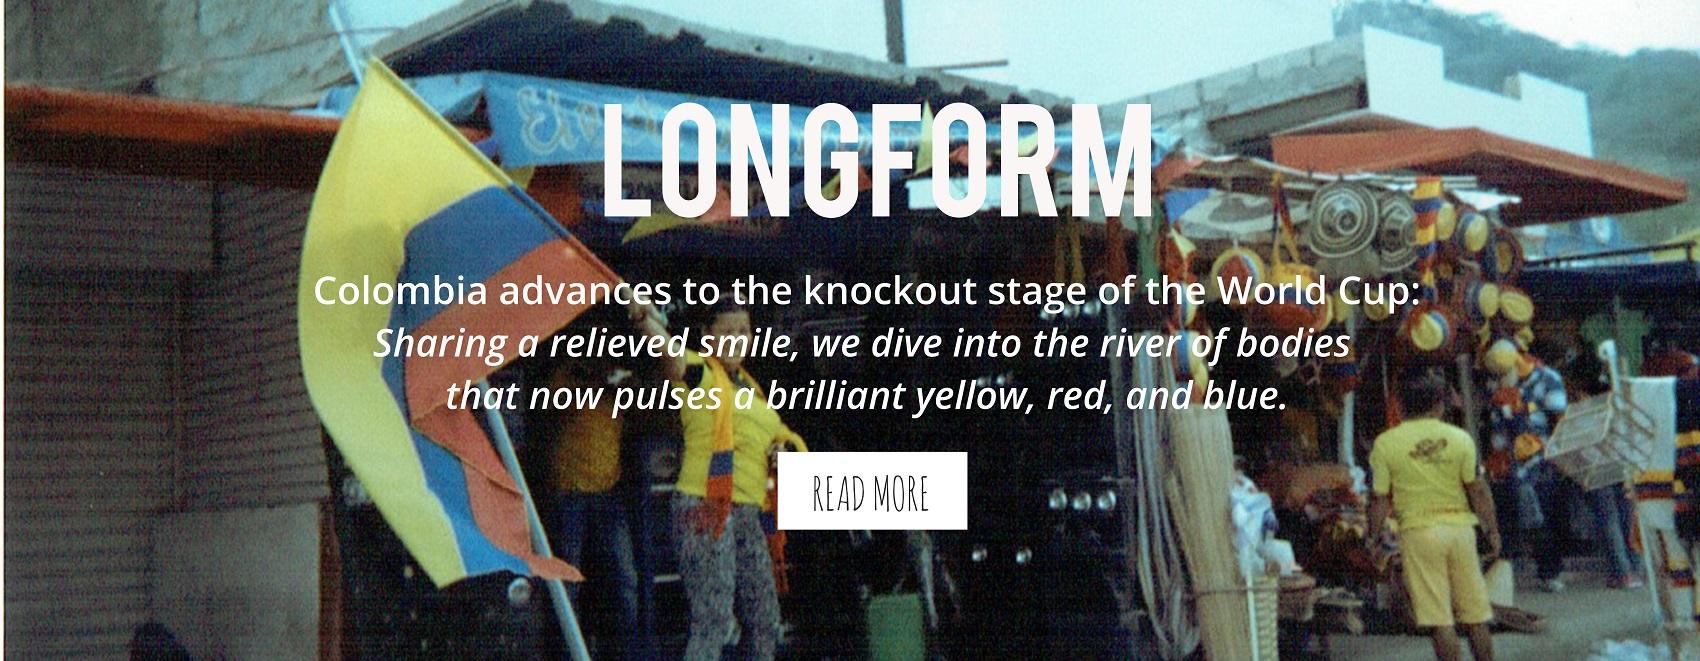 longform-readmore7